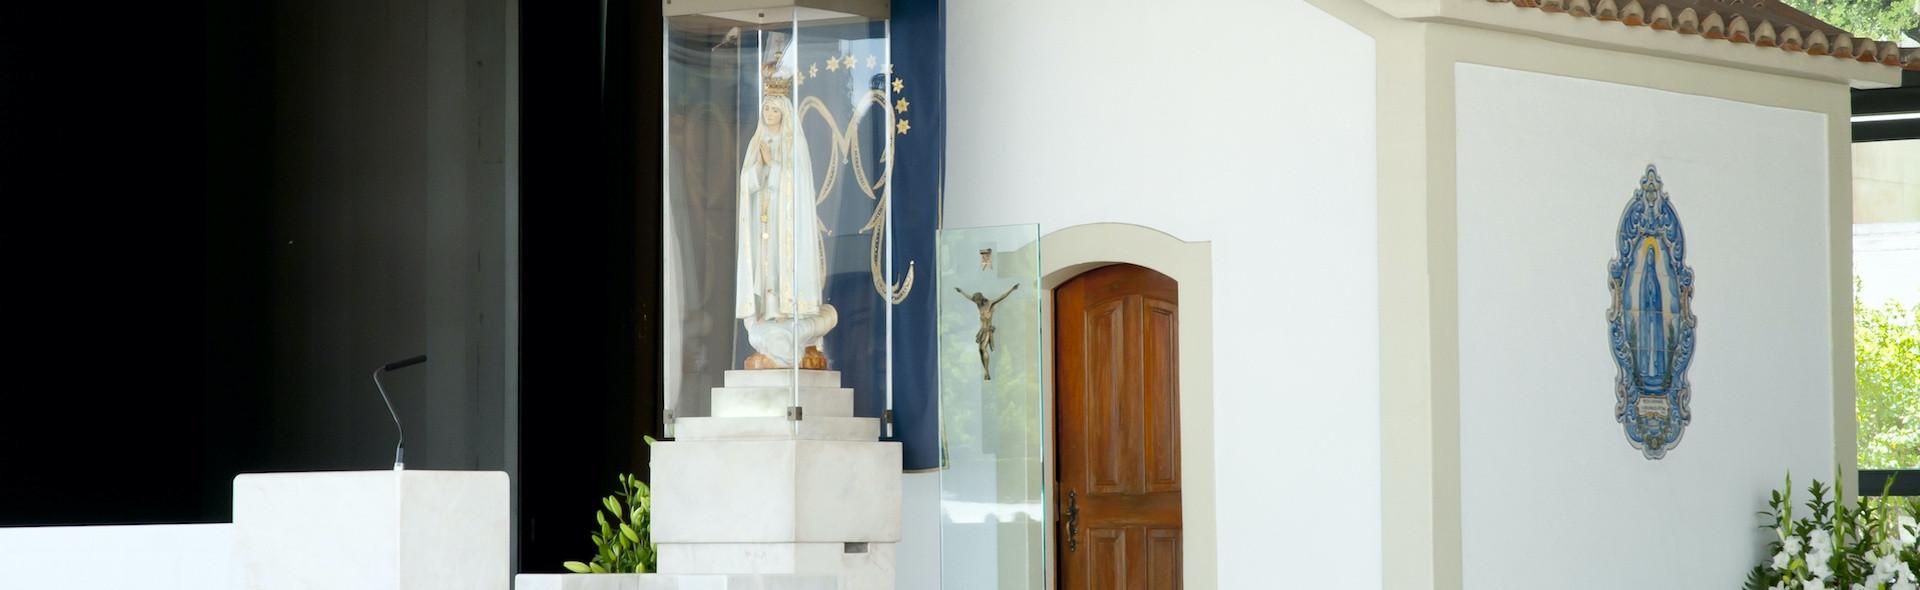 Pellegrinaggio a Fatima da Milano 13 Maggio